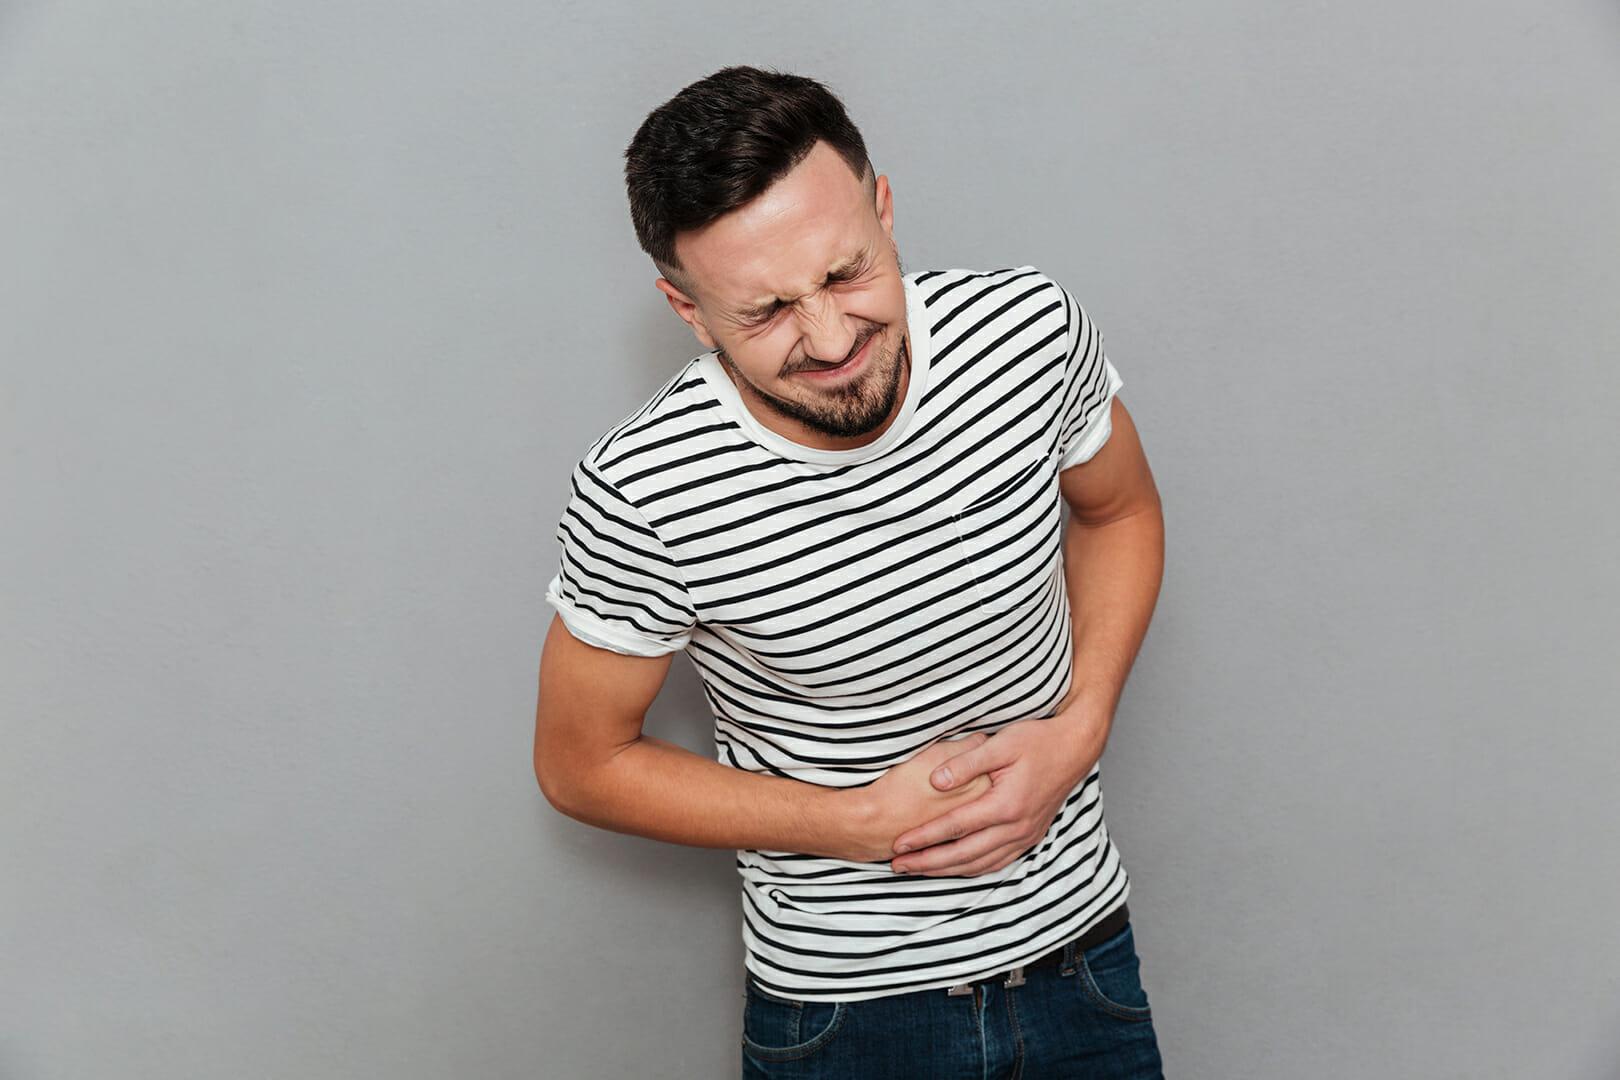 Fotografia colorida de homem jovem com dor na região da barriga. Sua expressão facial é de dor.